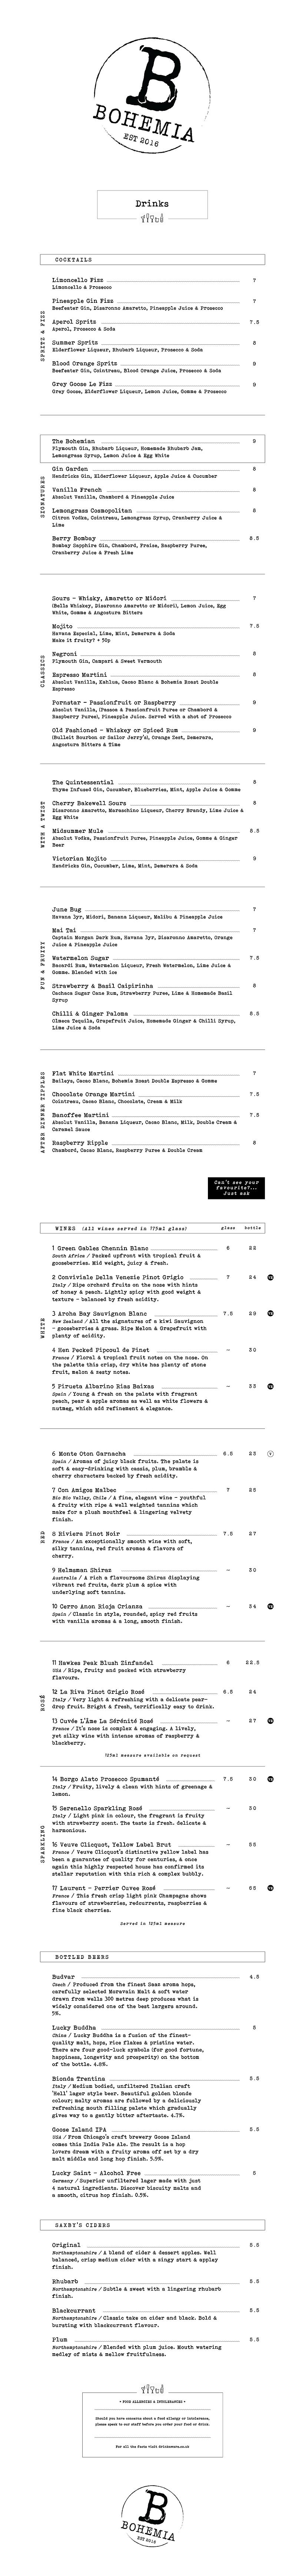 Bohemia - Drinks menu - 2021 - V1 - Digi